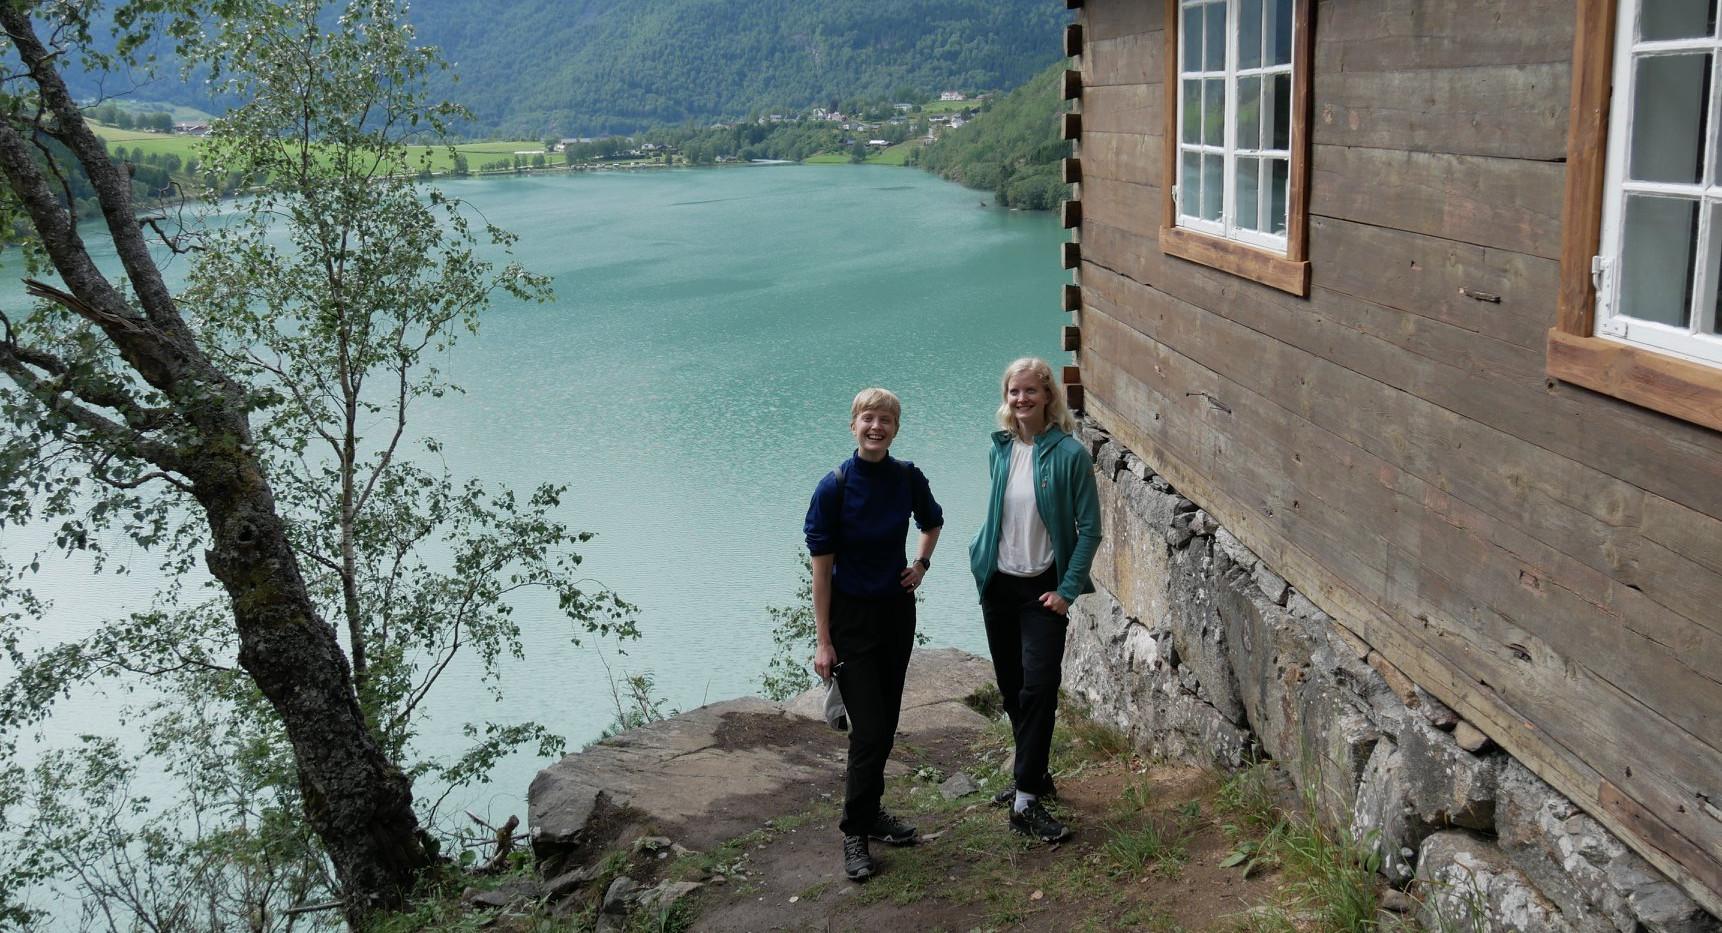 Visiting Wittgensteins Hut in Norway